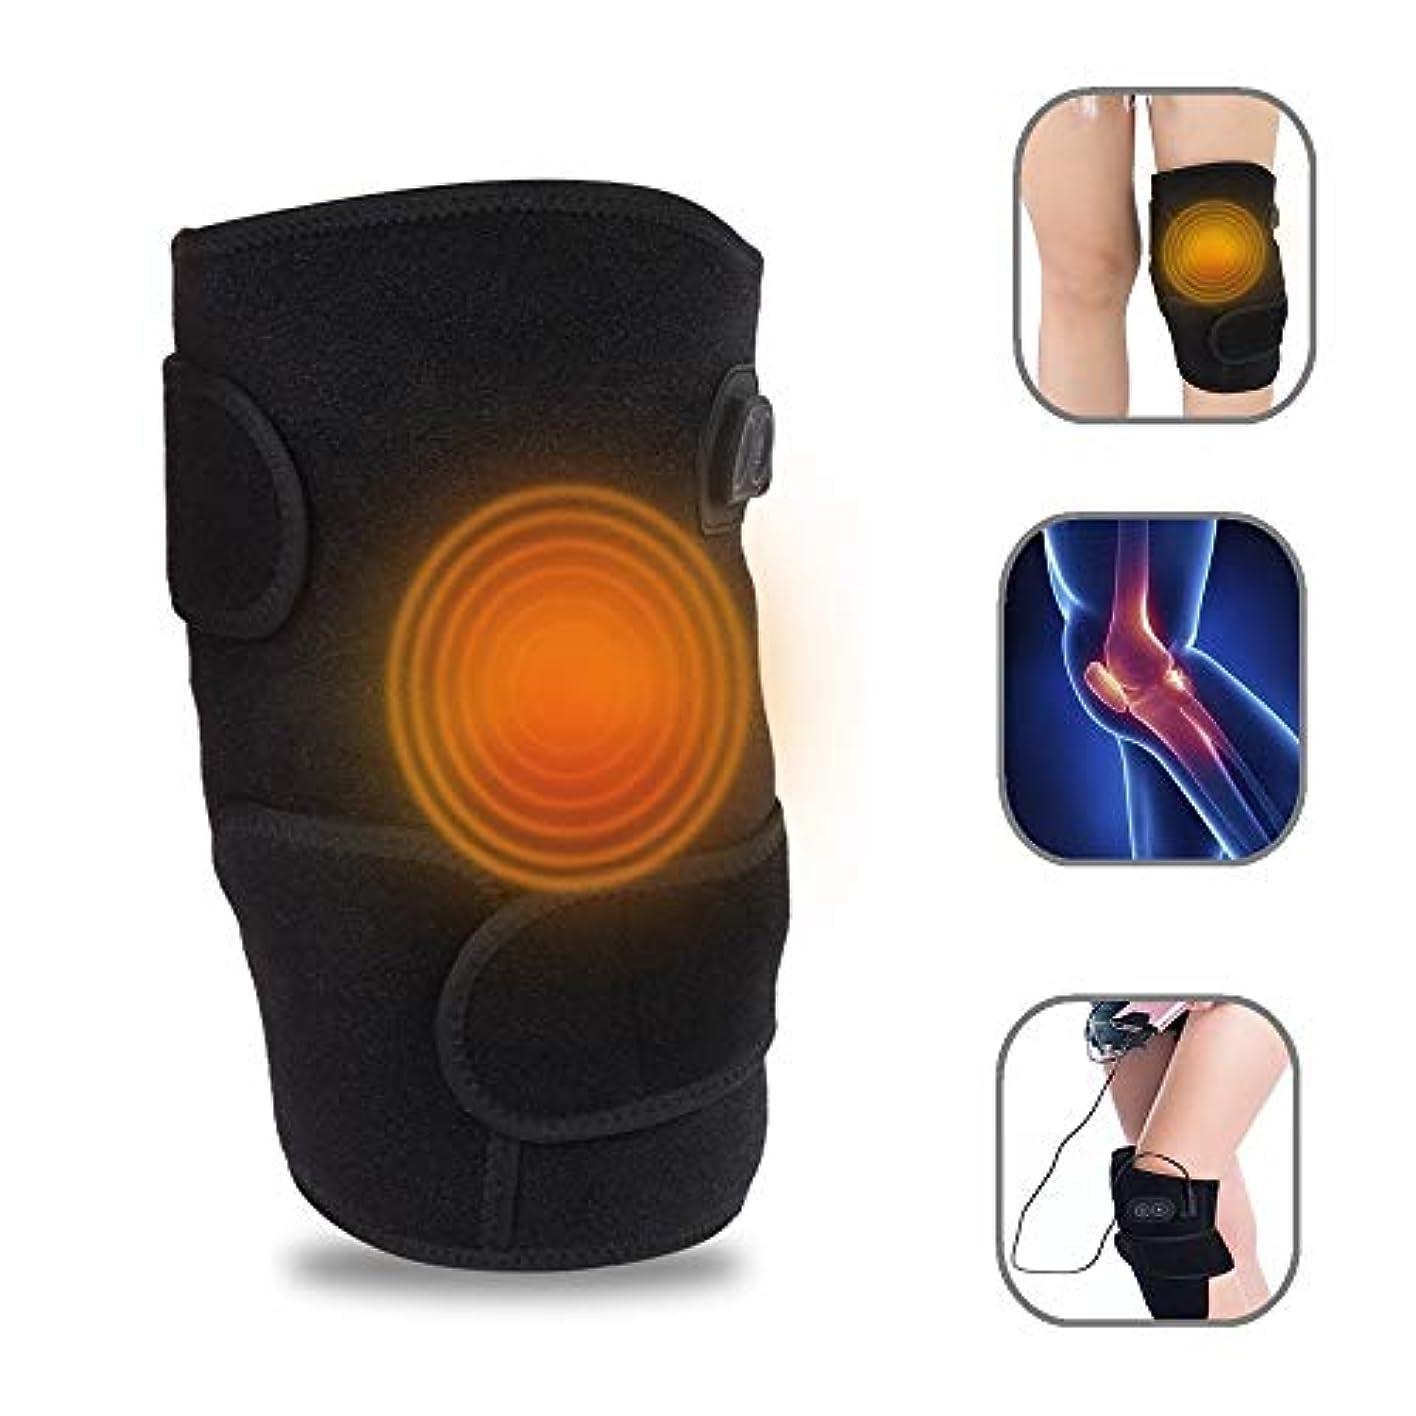 飛行場知る赤外線マッサージ 膝の理学療法装置、膝の振動、膝の痛みを和らげる 電熱療法、 冬の暖かさ リウマチ